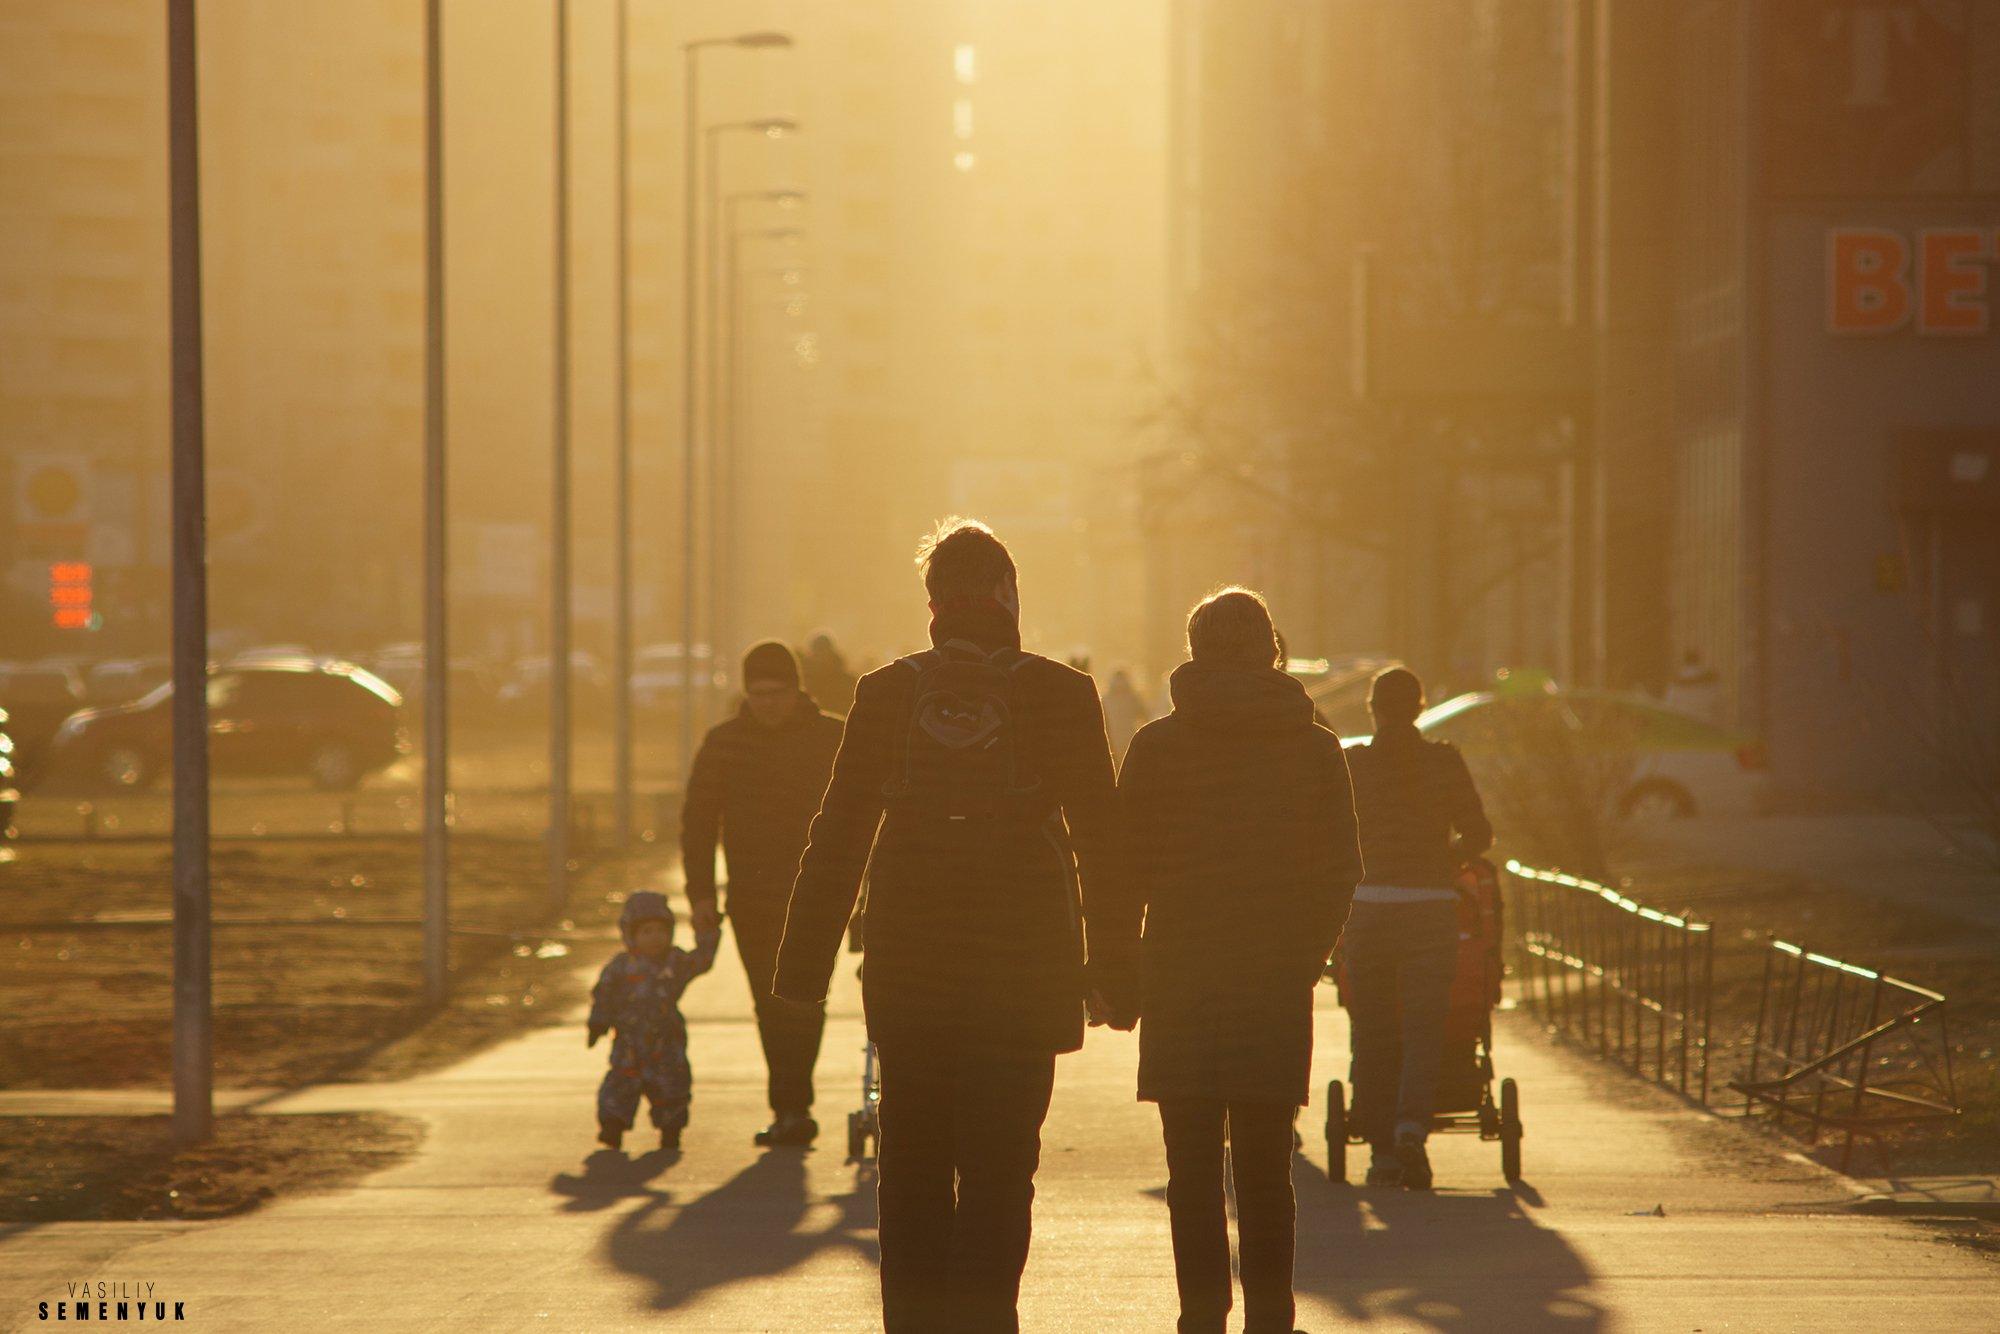 Улица, пара, стрит-фото, любовь, Весна, город, объёмный свет, жанр., Семенюк Василий